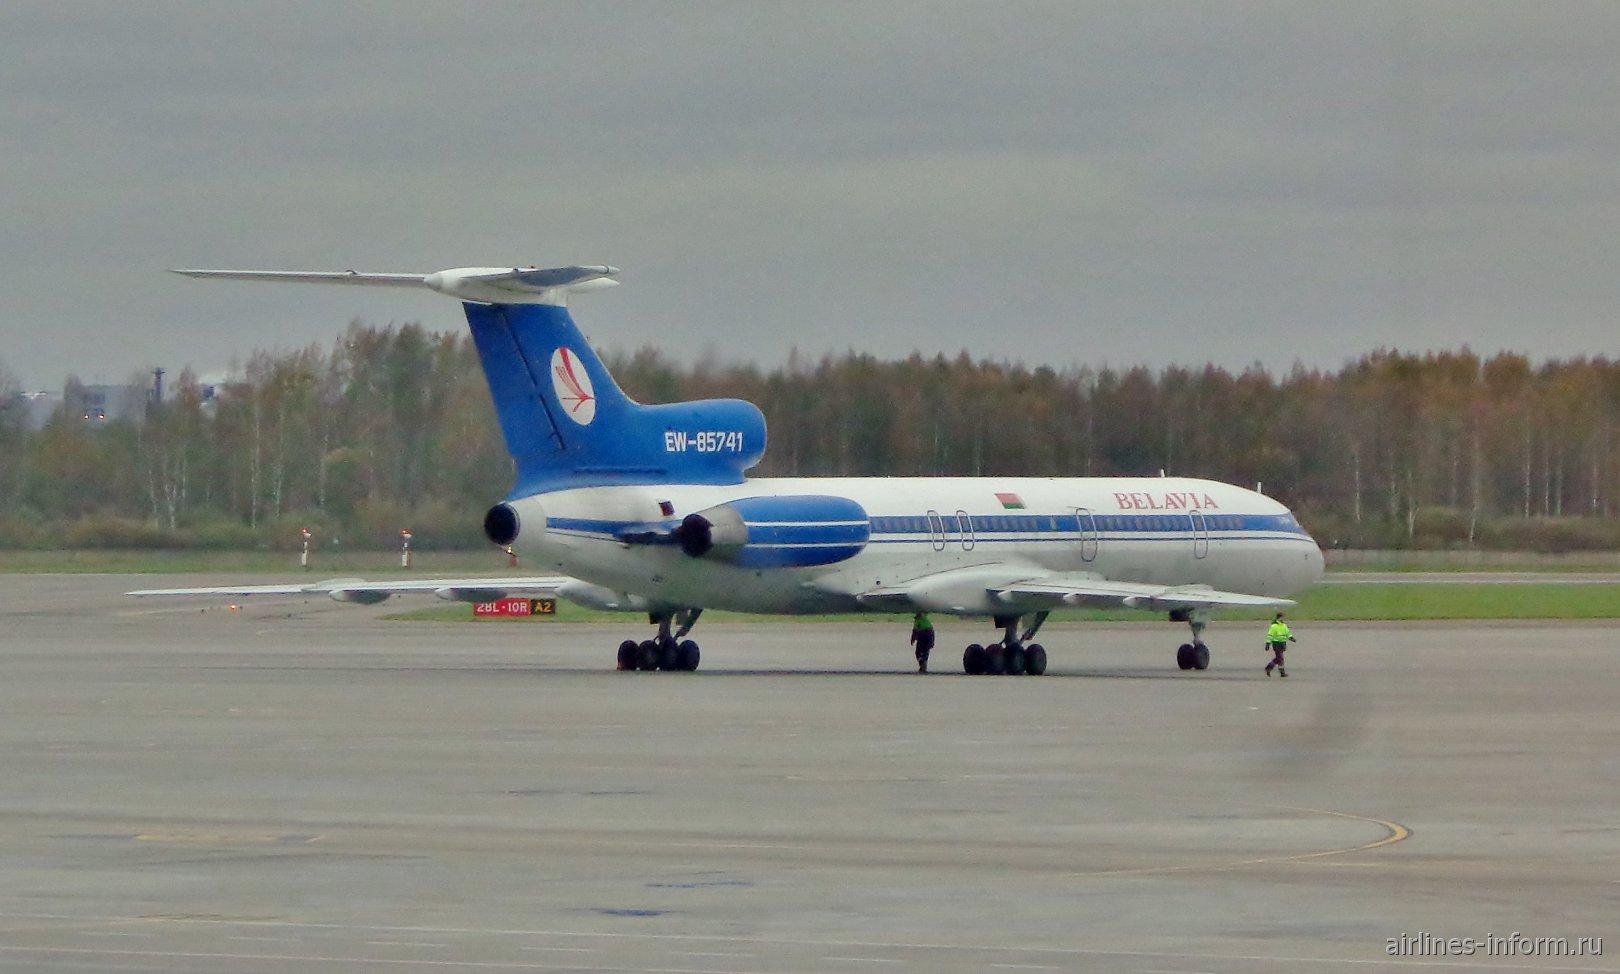 Санкт-Петербург- Минск (LED-MSQ) 9.10.2016 Крайний рейс Ту-154 Белавиа